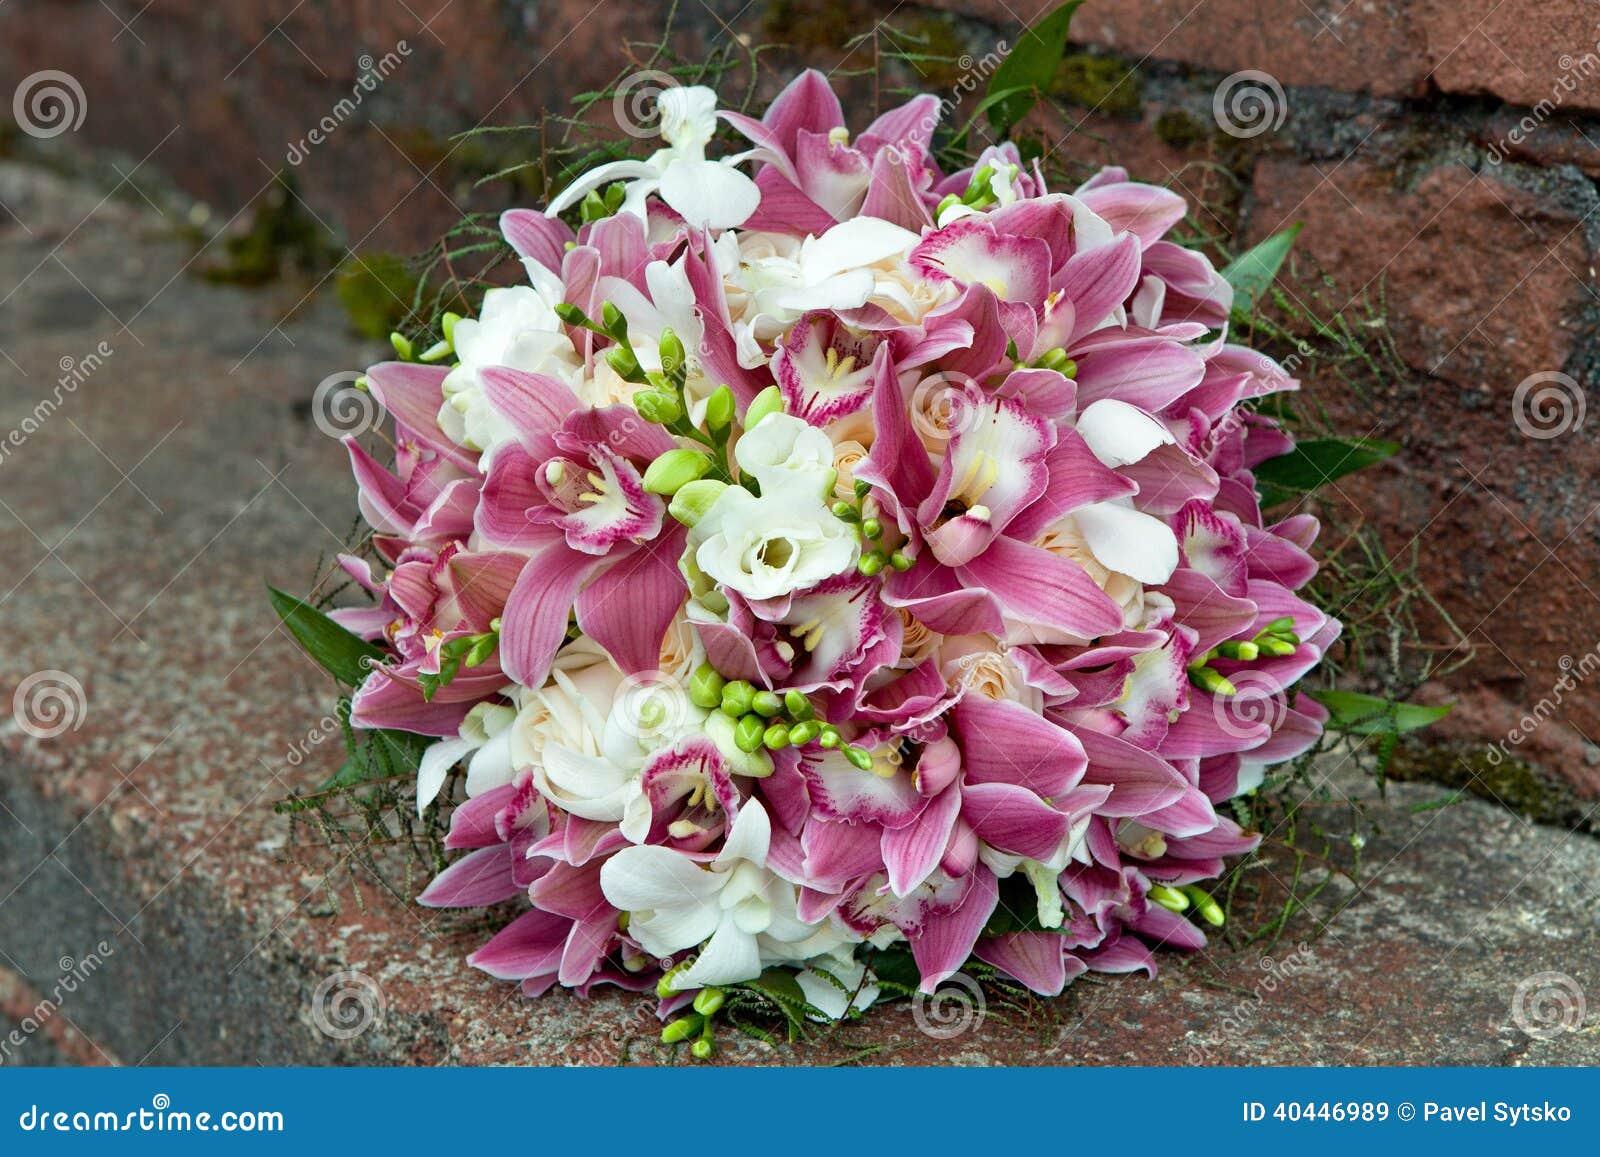 Ramo de orquídeas, de rosas, de iris y de otras flores en un fondo